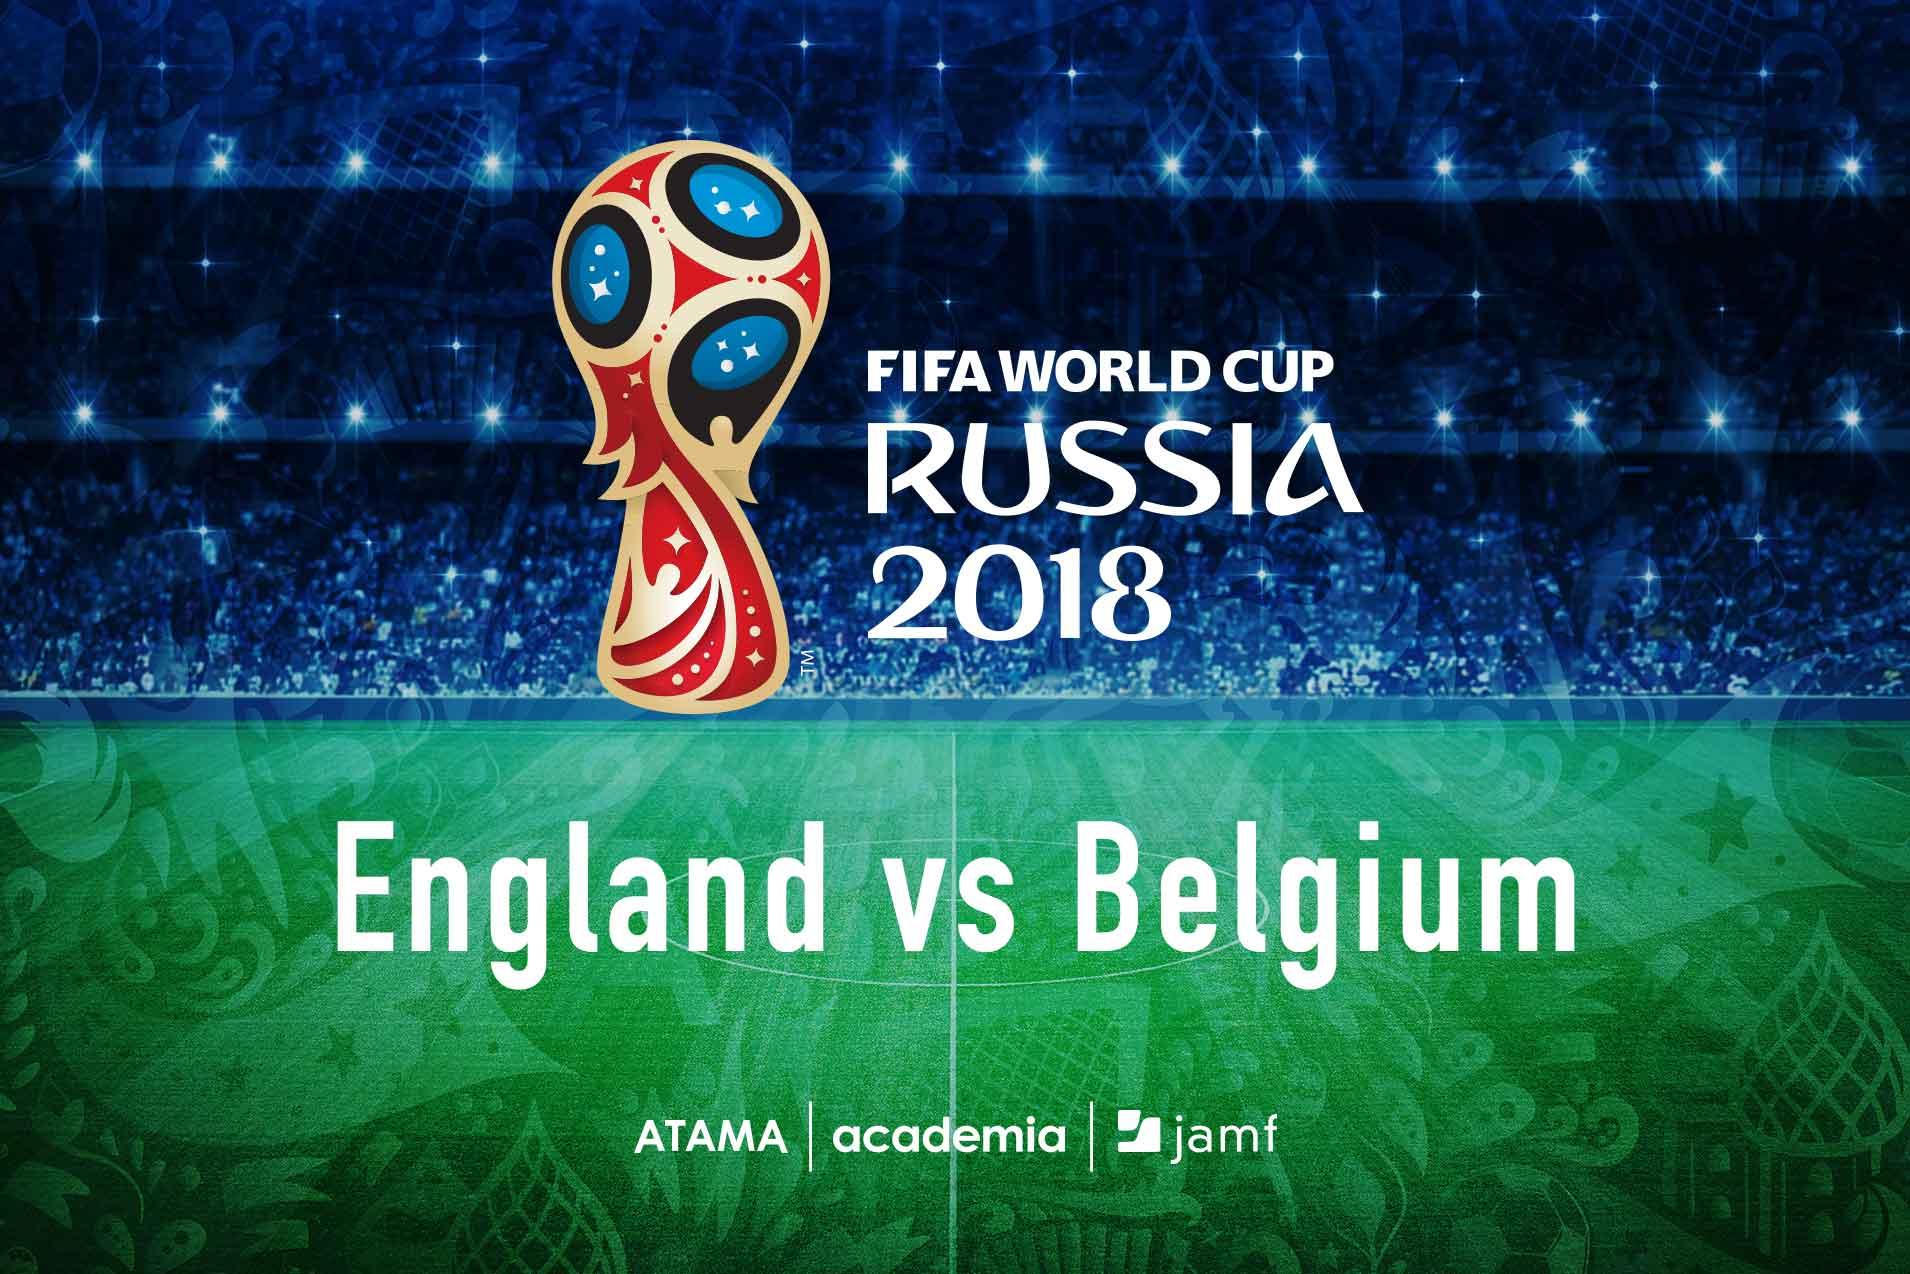 England vs Belgium event